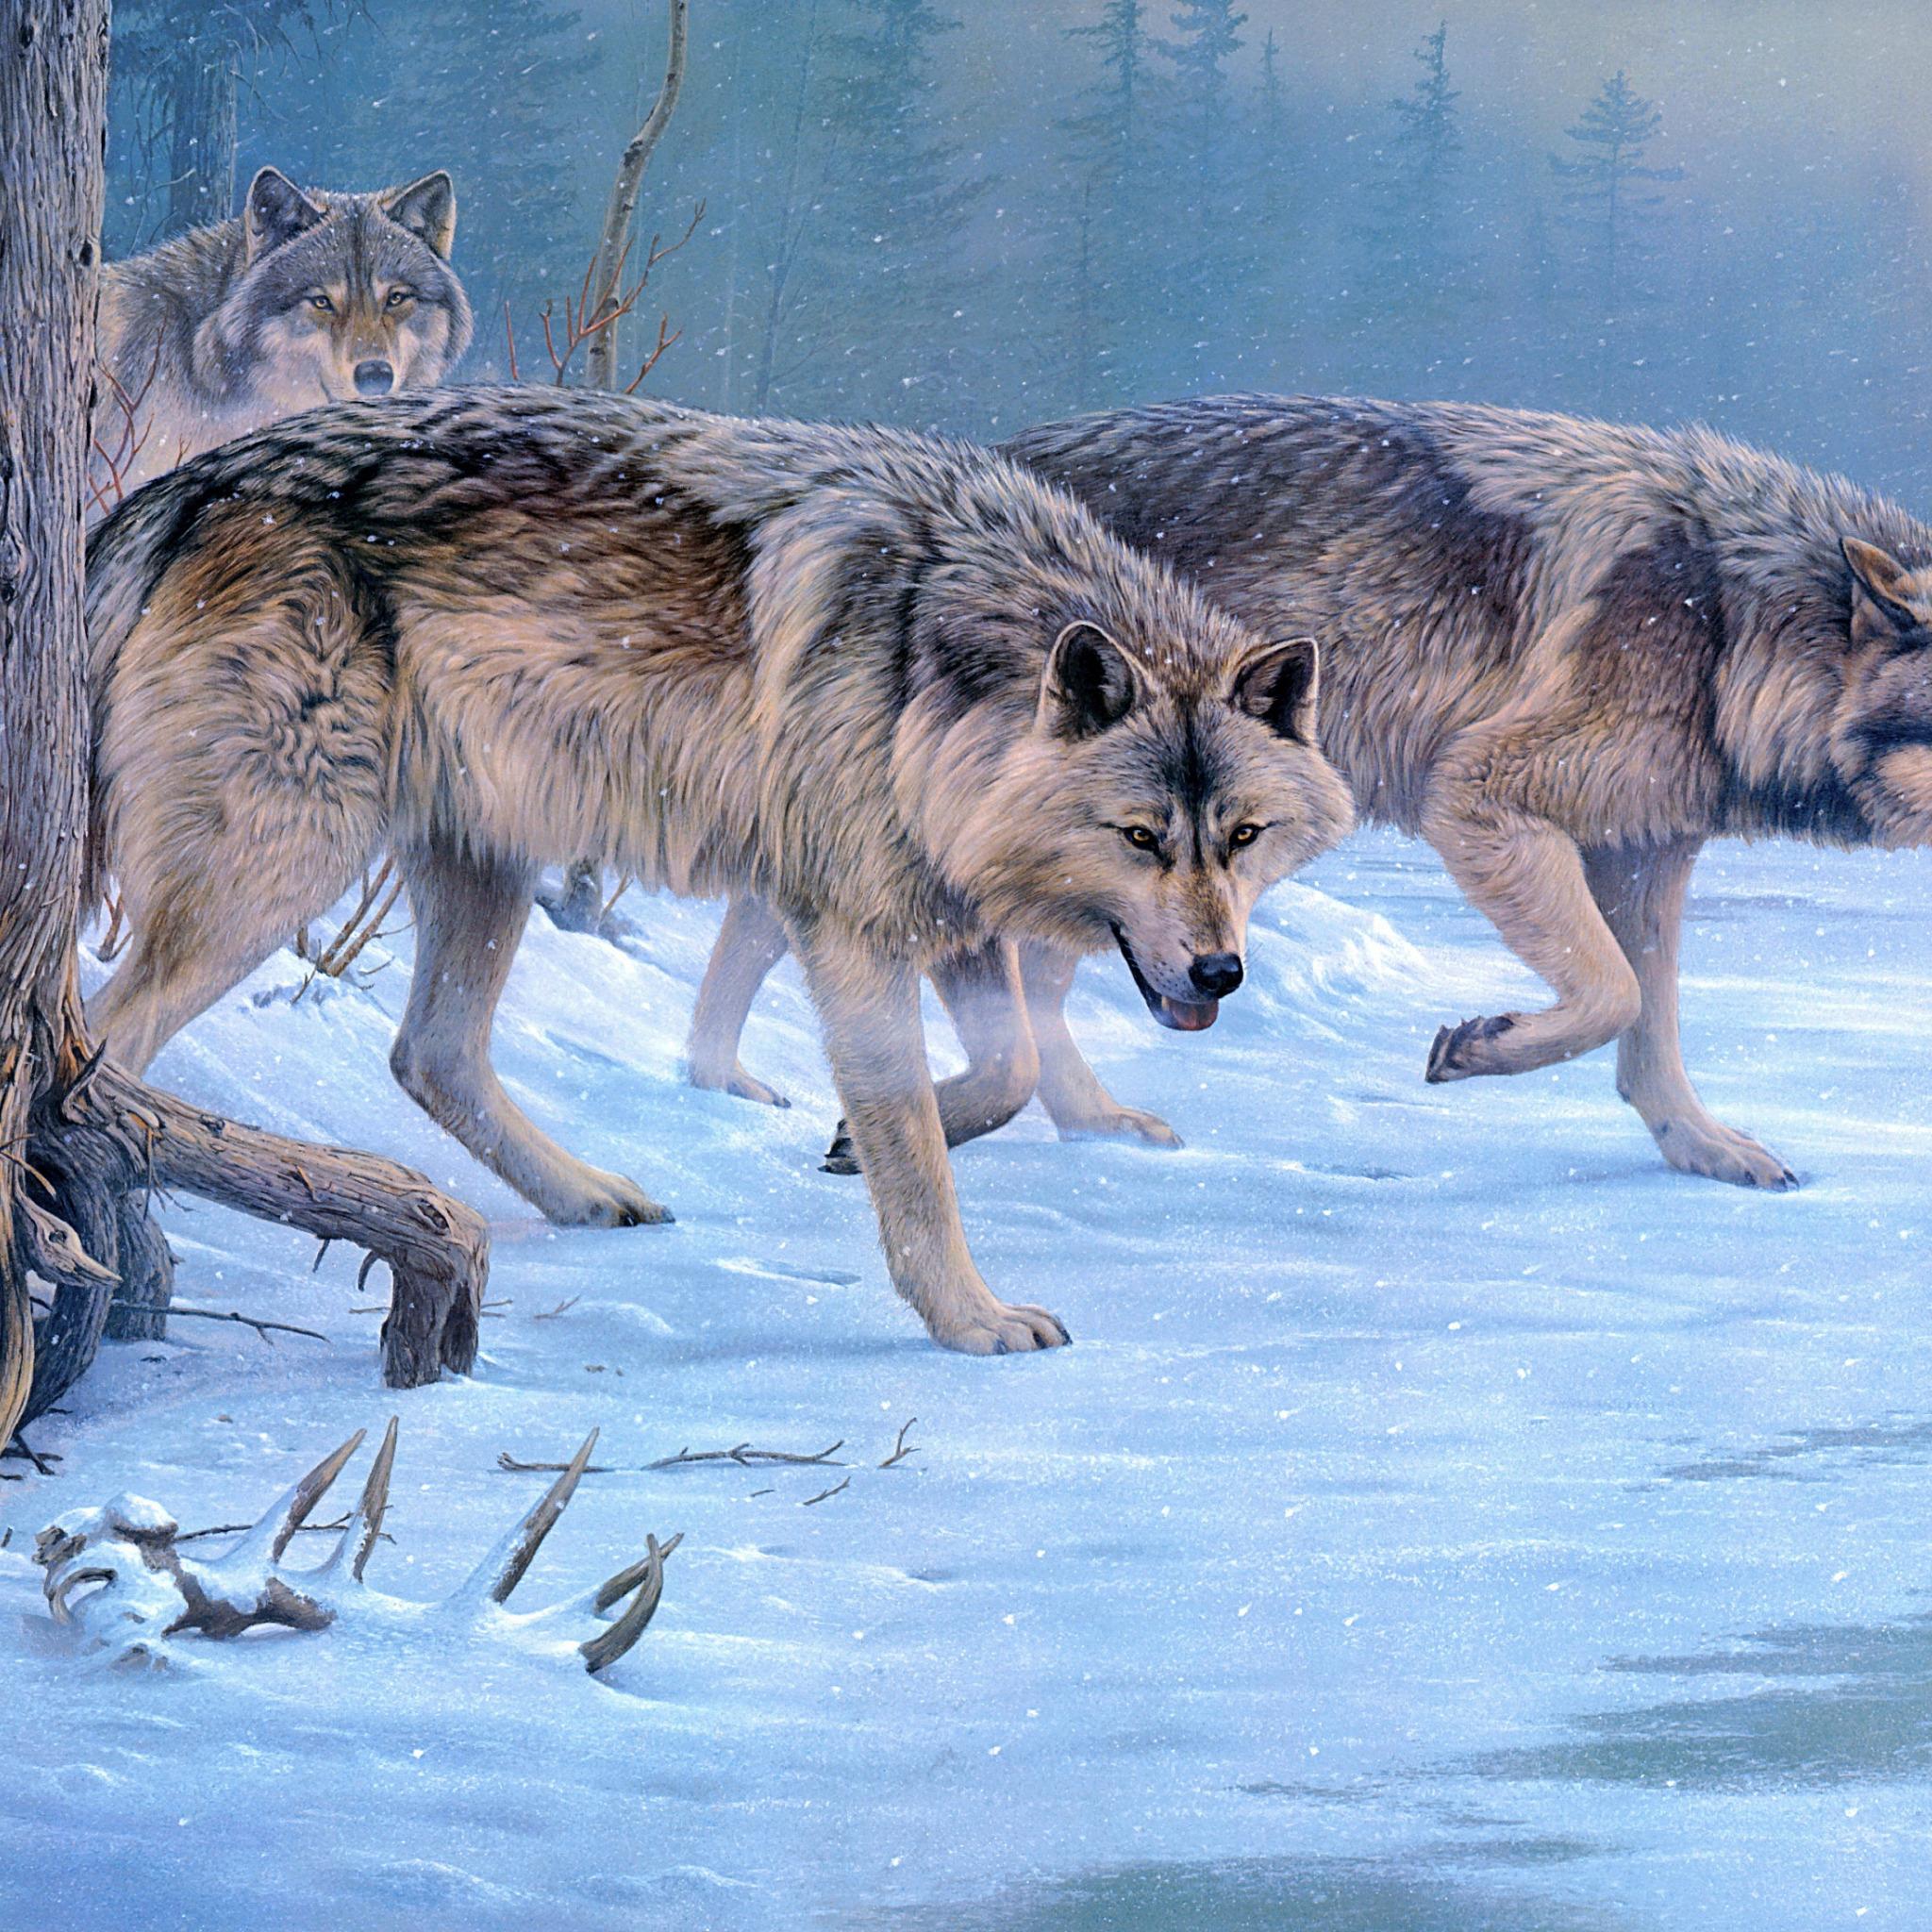 картинка как охотится волк зимой имеющихся возможностей